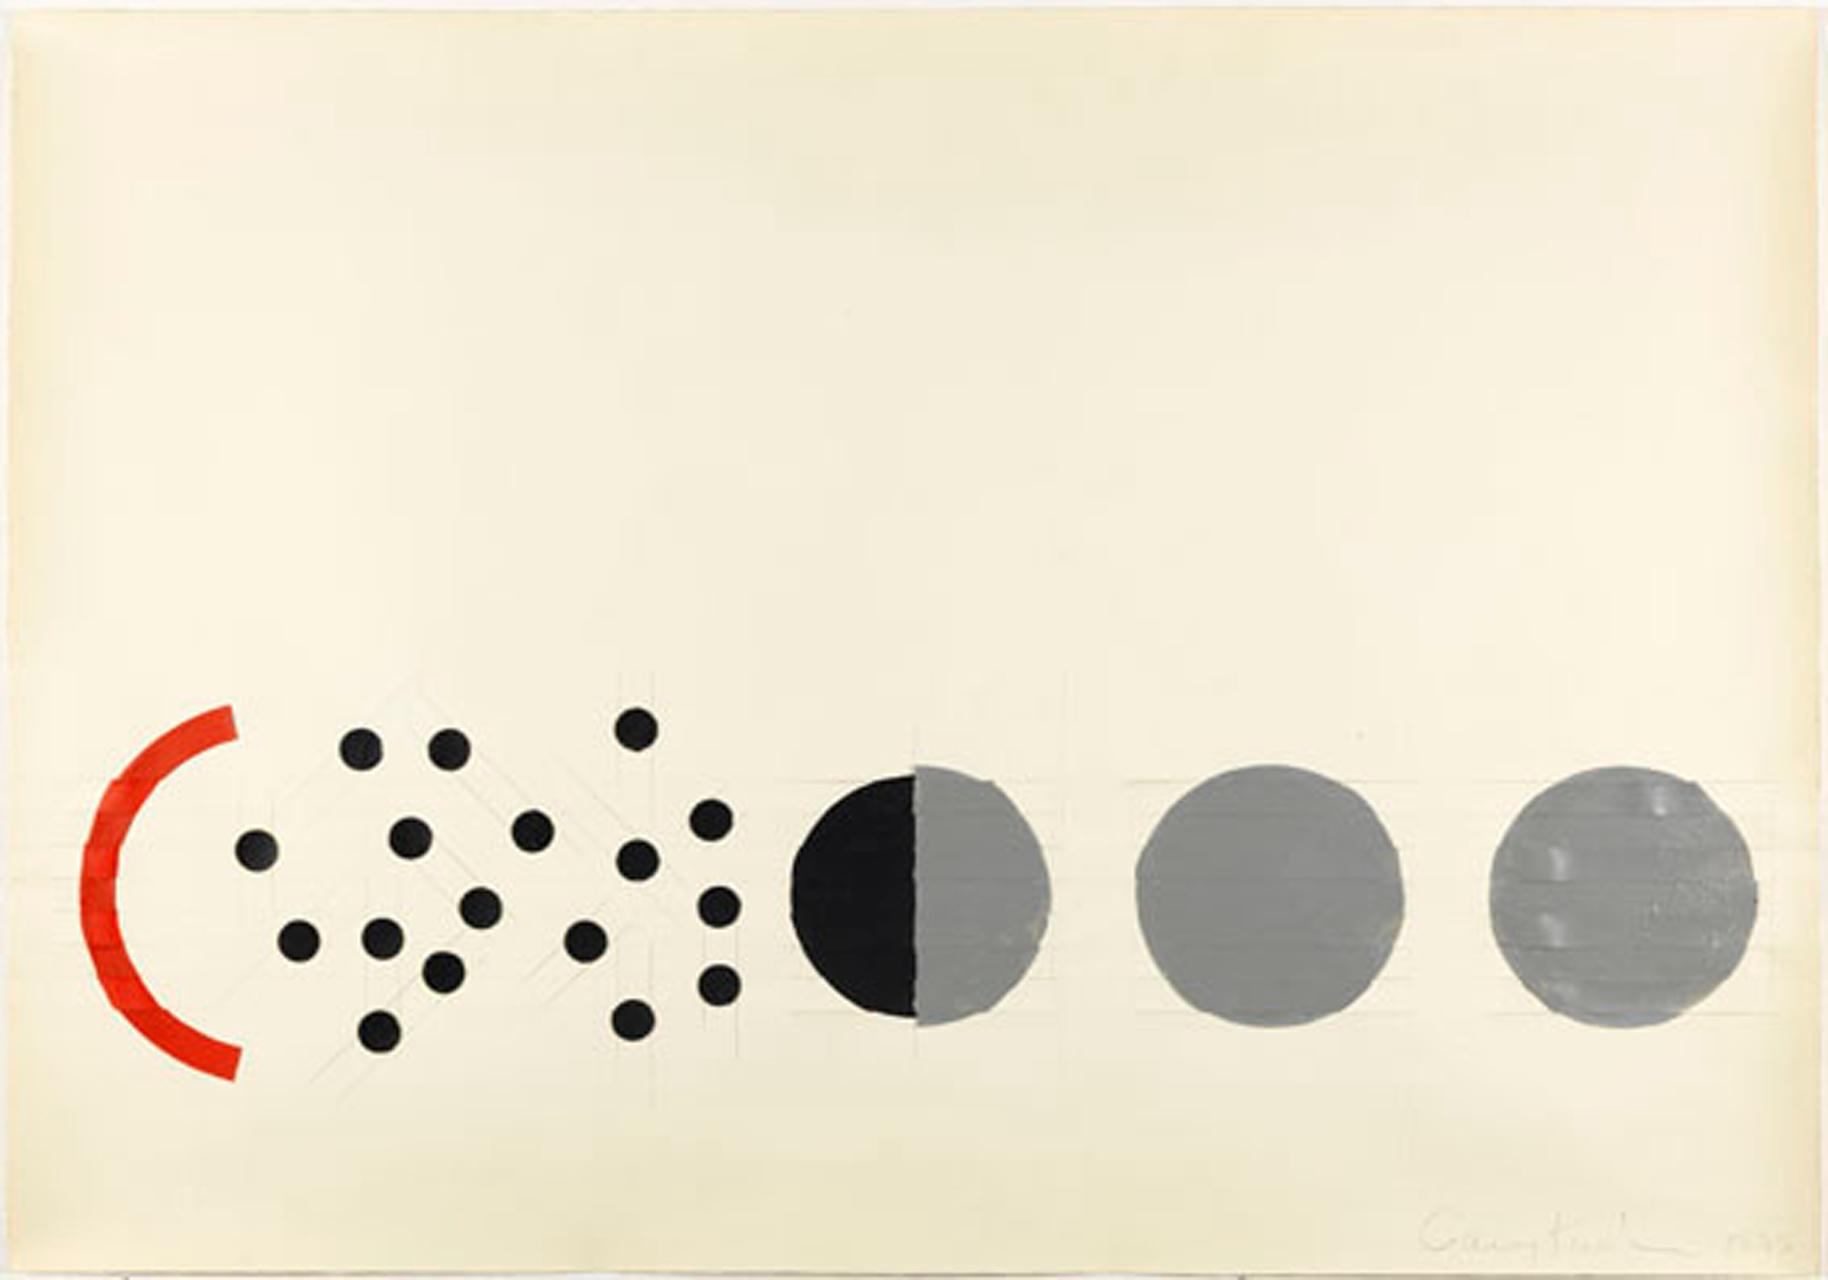 Gary Kuehn, Berliner Serie, 1979, Gouache, Collage und Graft auf Papier, 76 x 107 cm